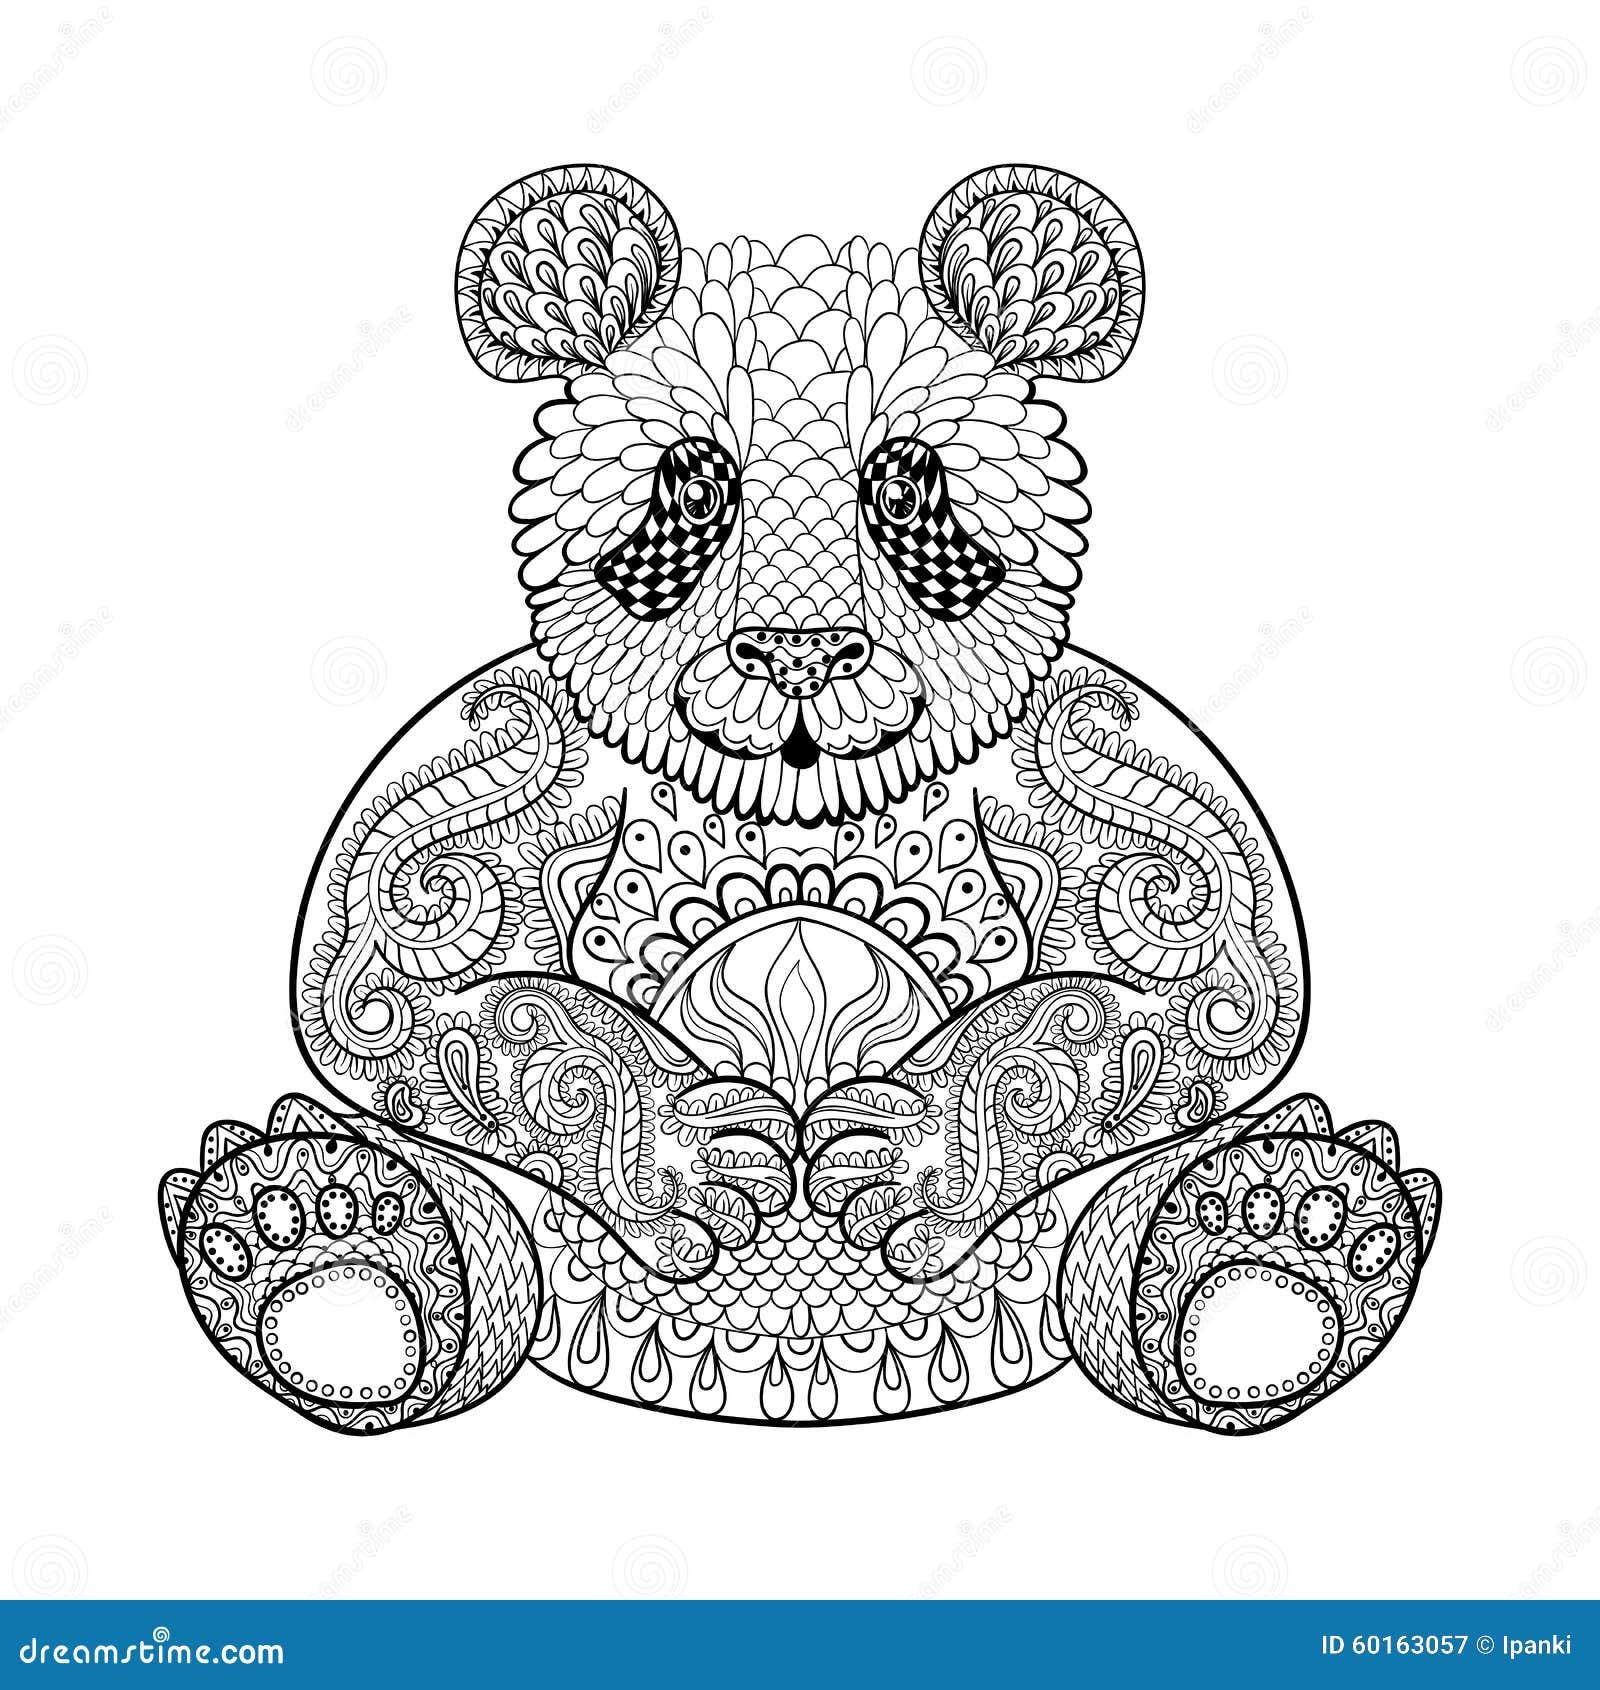 Dorable Página Para Colorear De Oso Panda Imagen - Enmarcado Para ...